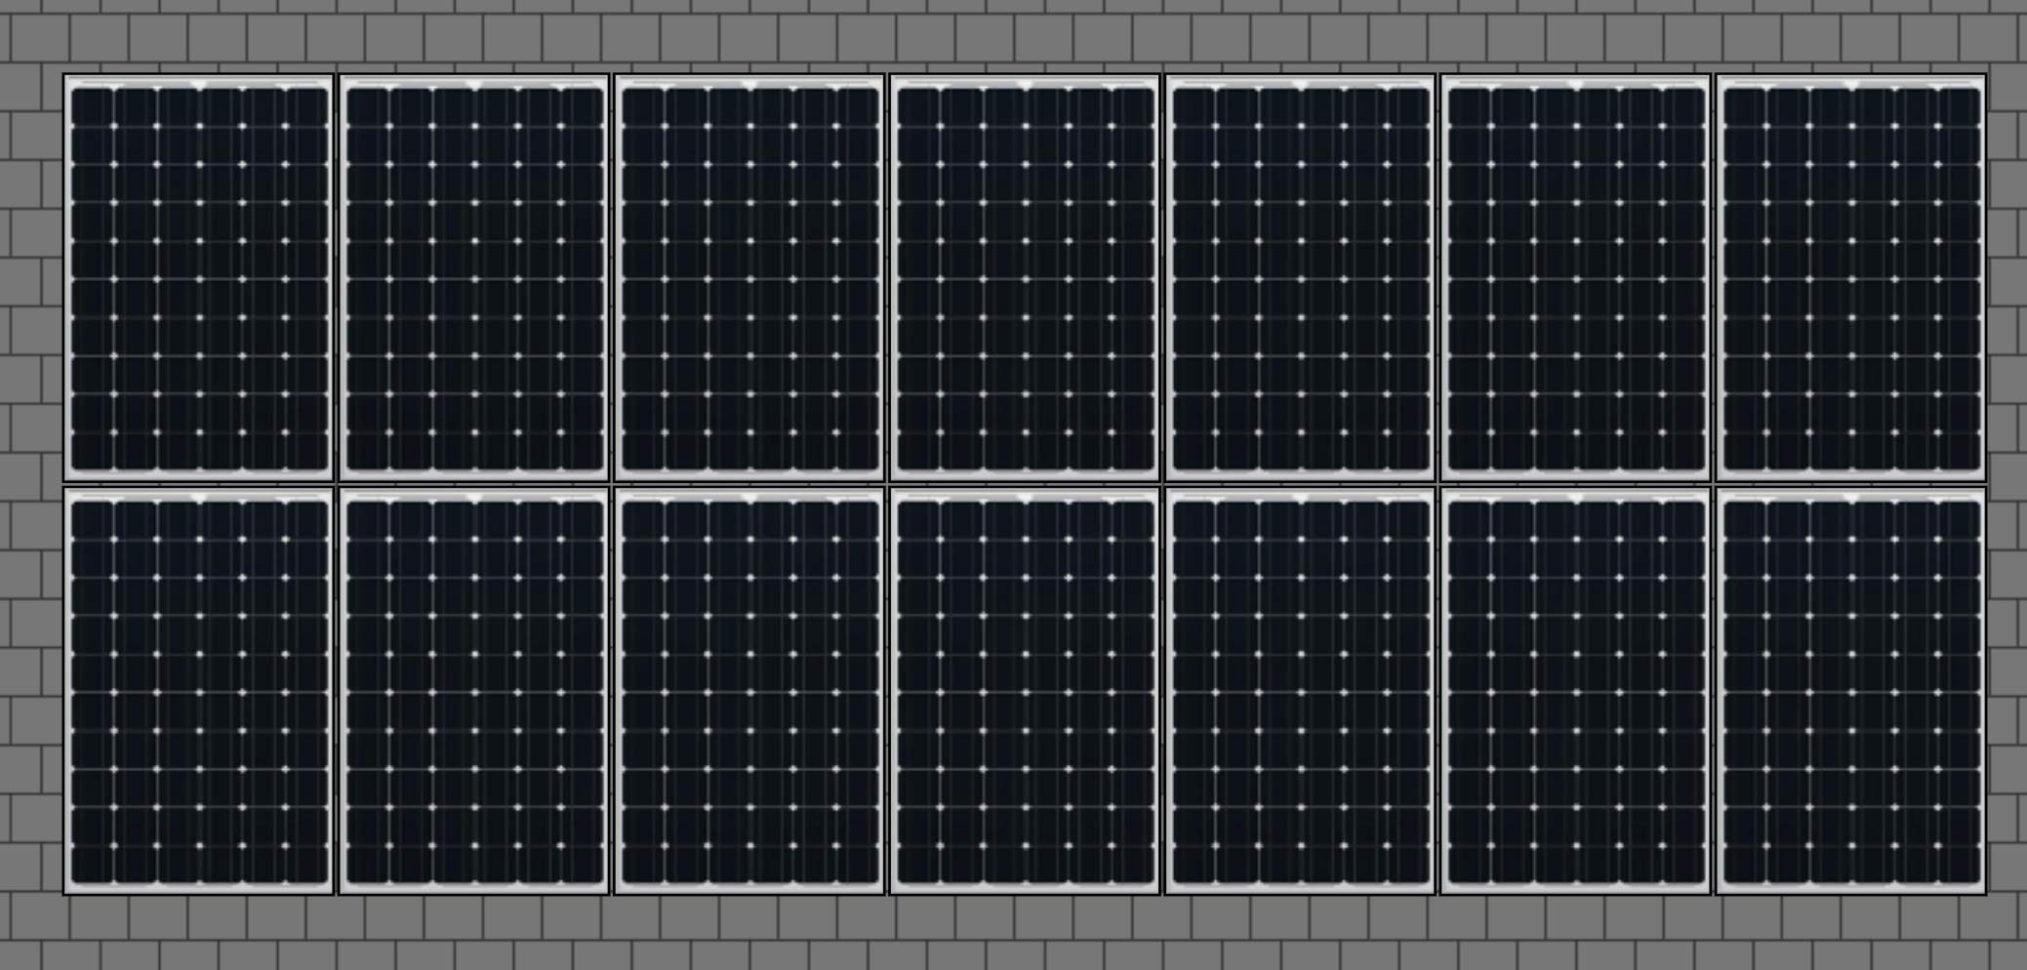 spreadsheet opbrengst zonnepanelen for monokristallijne zonnepanelen spreadsheet opbrengst